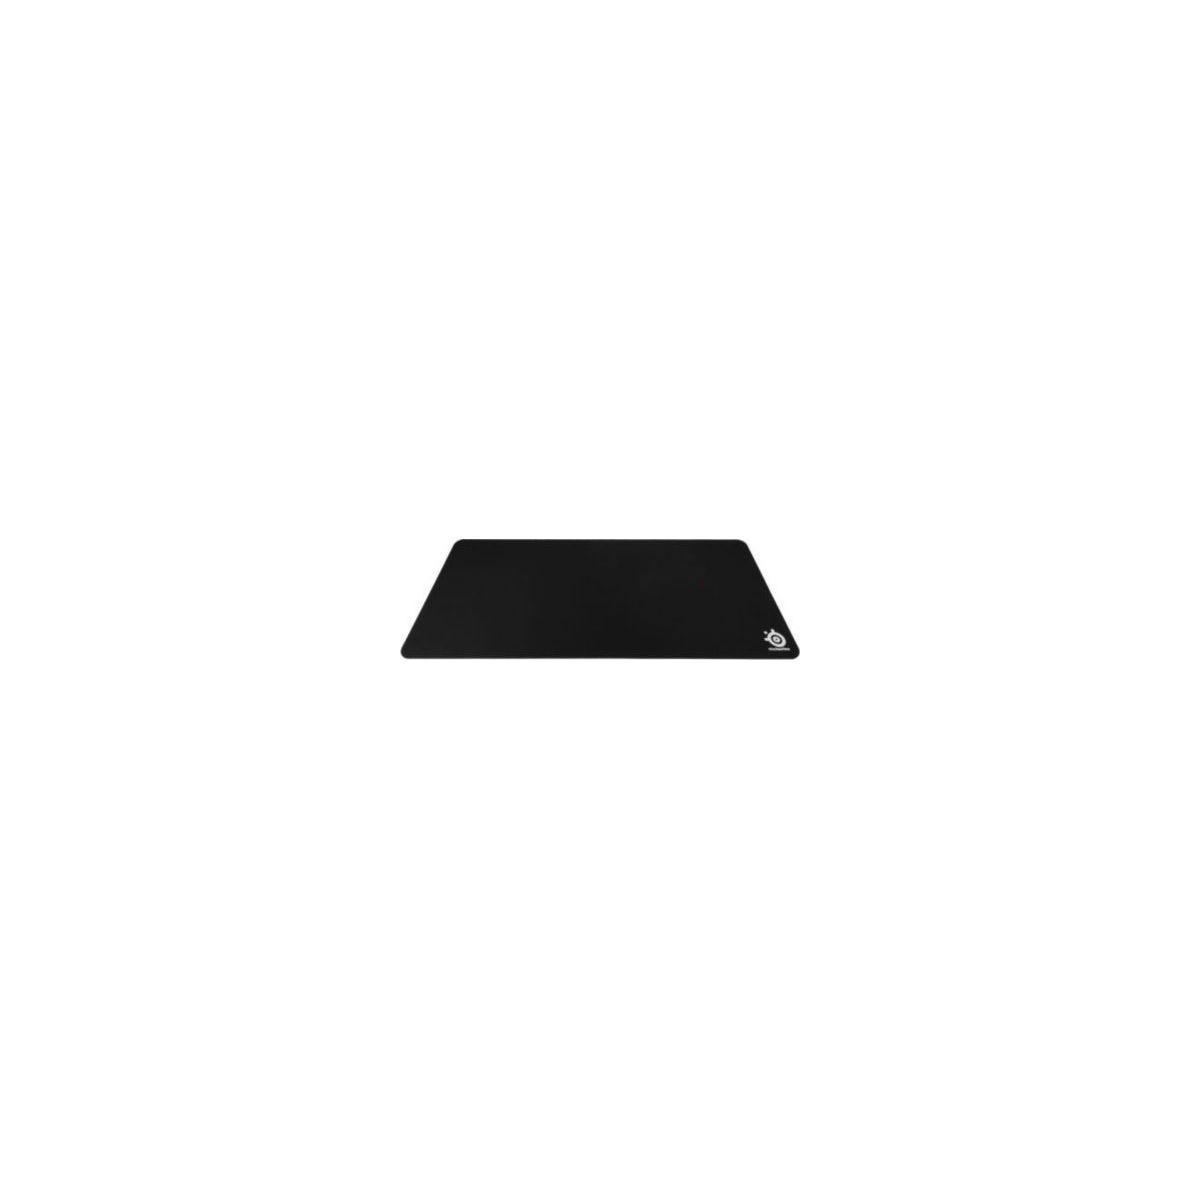 Tapis de souris gamer steelseries steelseries qck xxl - soldes et bonnes affaires à prix imbattables